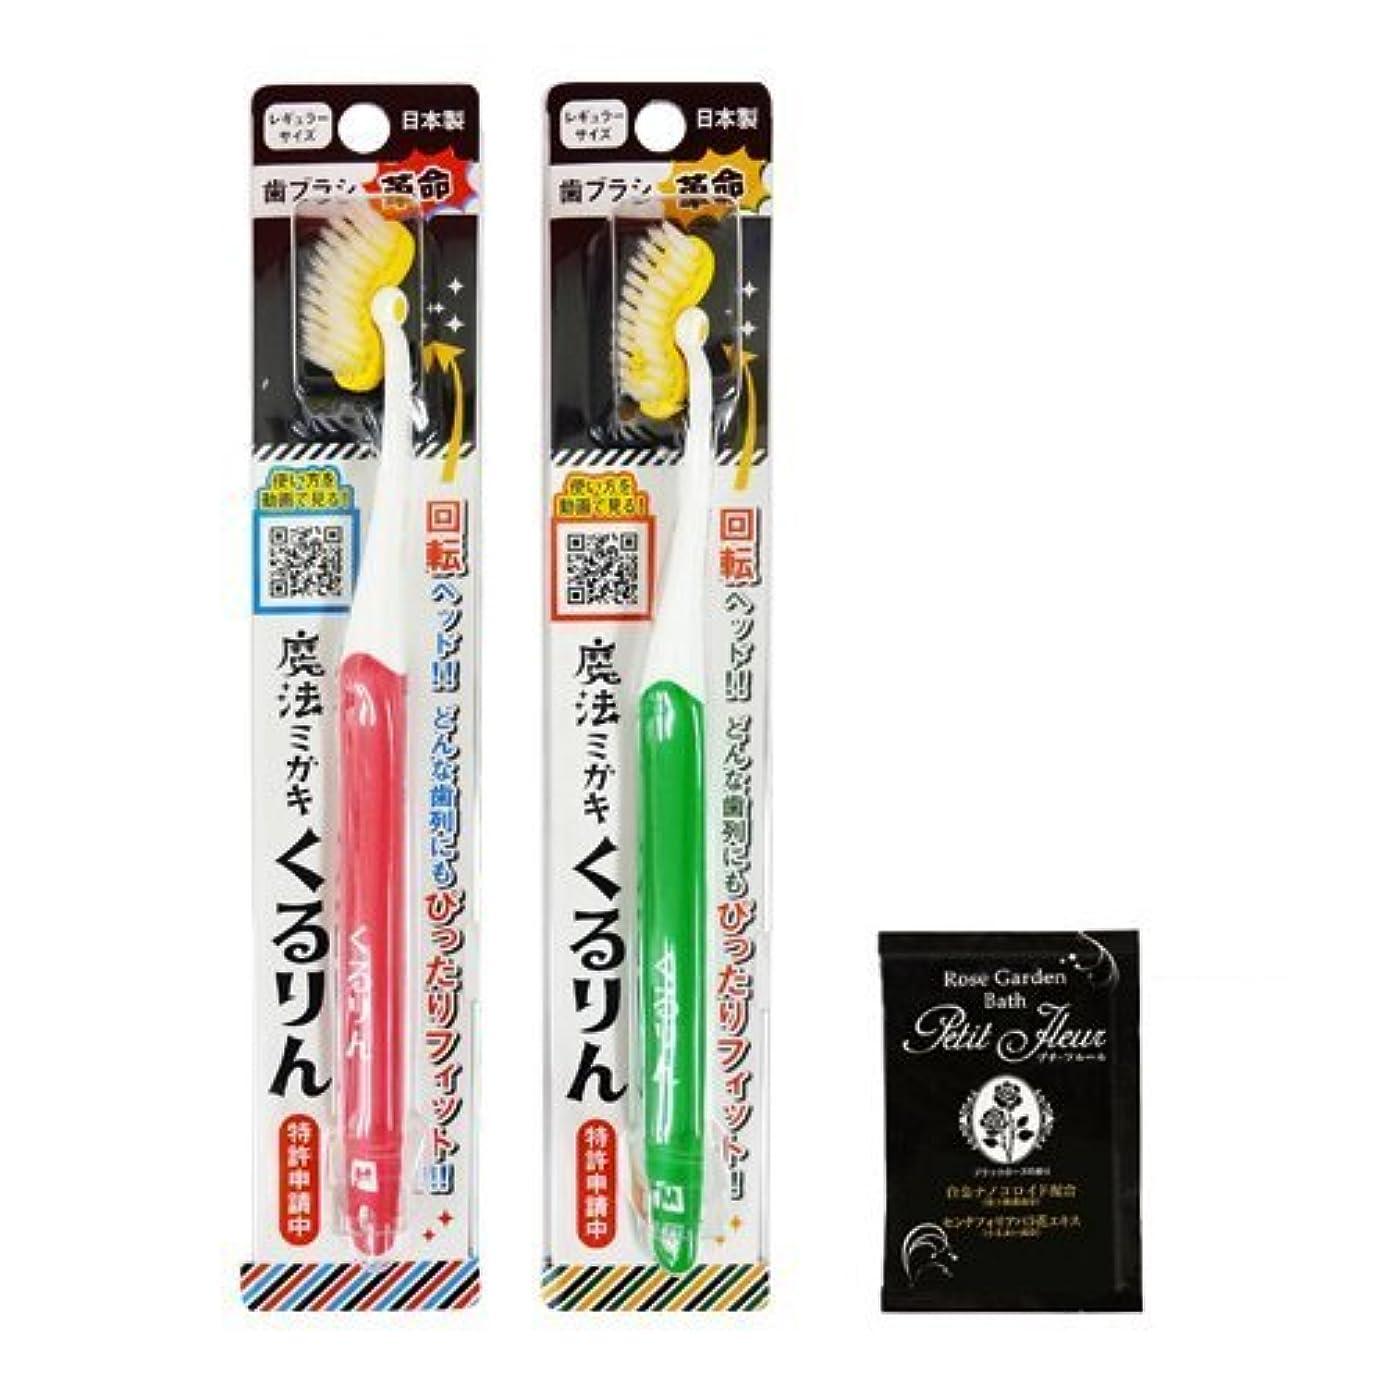 デザート鳴り響くフォーク魔法ミガキくるりん(全2色) + 入浴剤(プチフルール)1回分